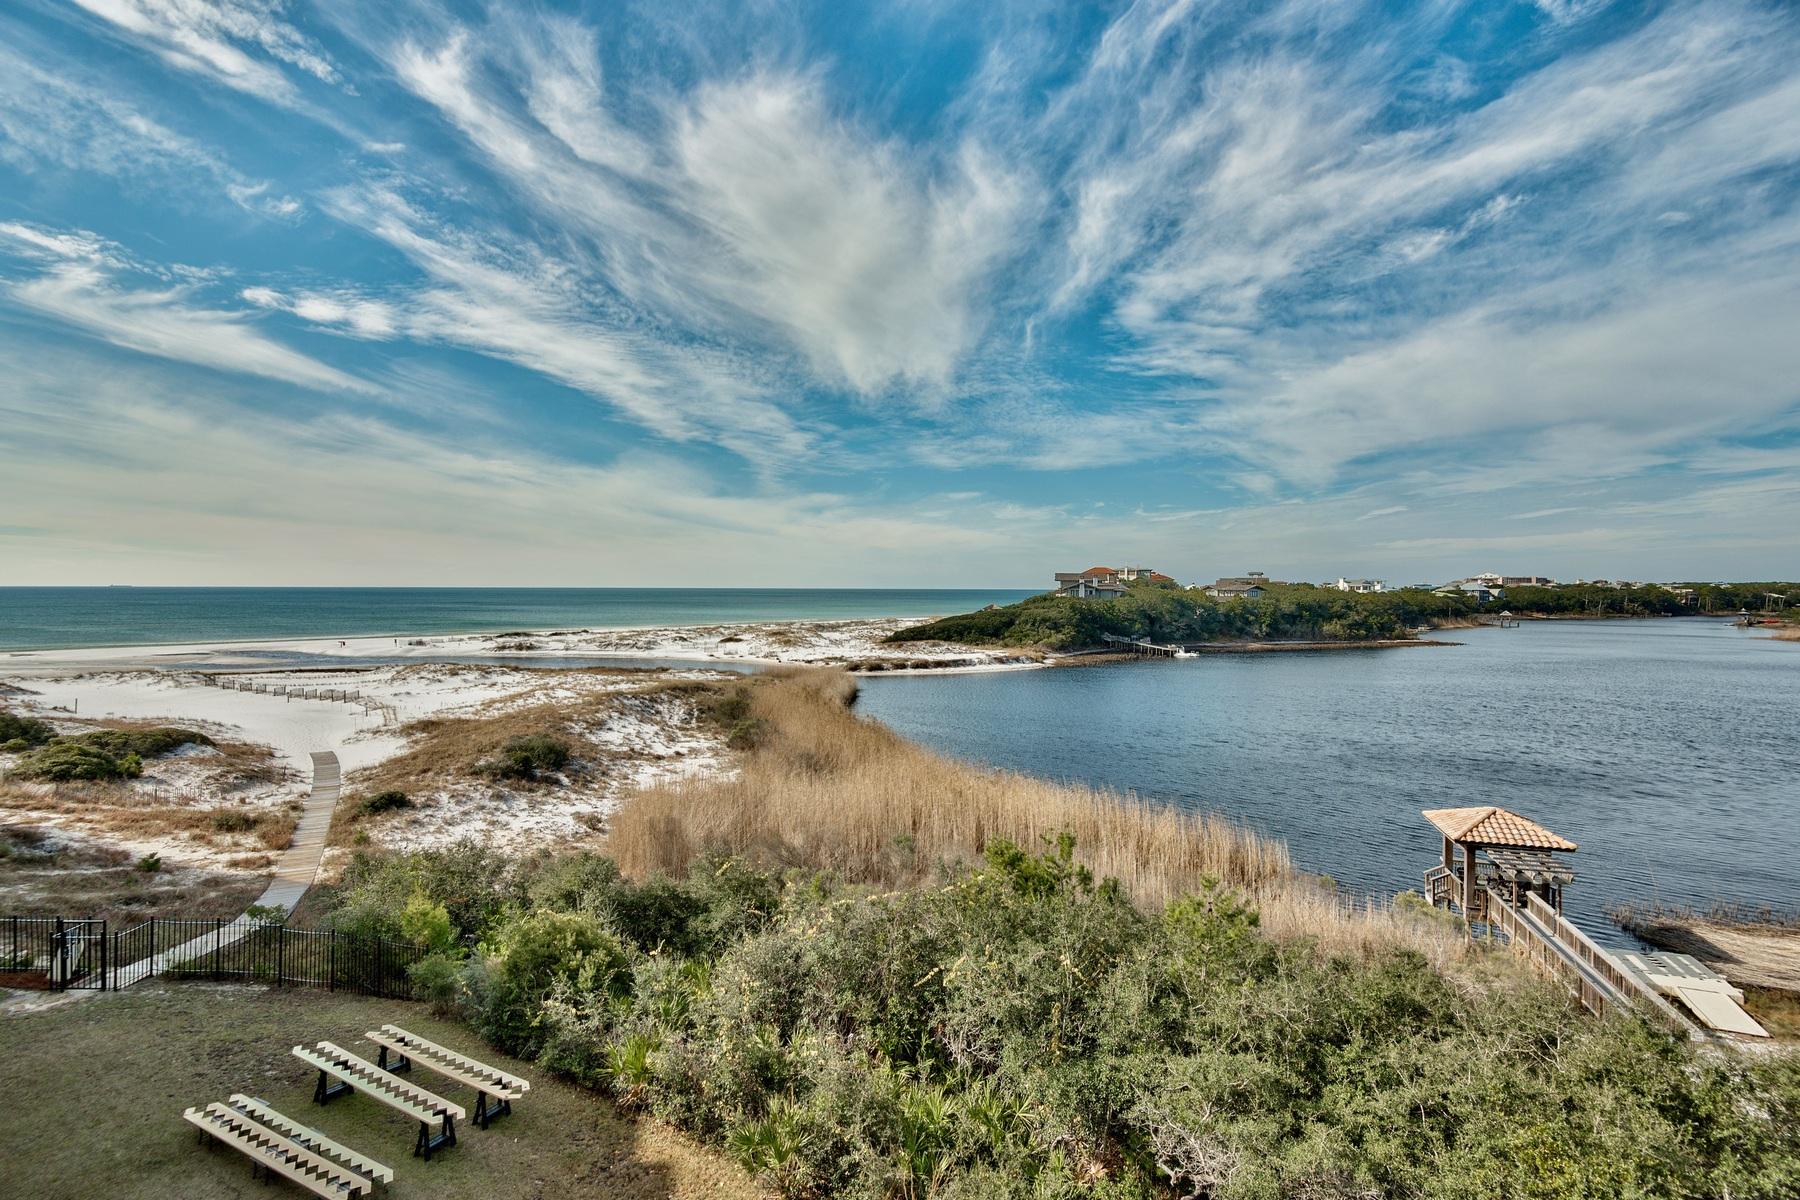 콘도미니엄 용 매매 에 CONTEMPORARY STYLE IN A CAPTIVATING WORLD CLASS CONDO 1363 W County Highway 30A 3121 Santa Rosa Beach, 플로리다, 32459 미국